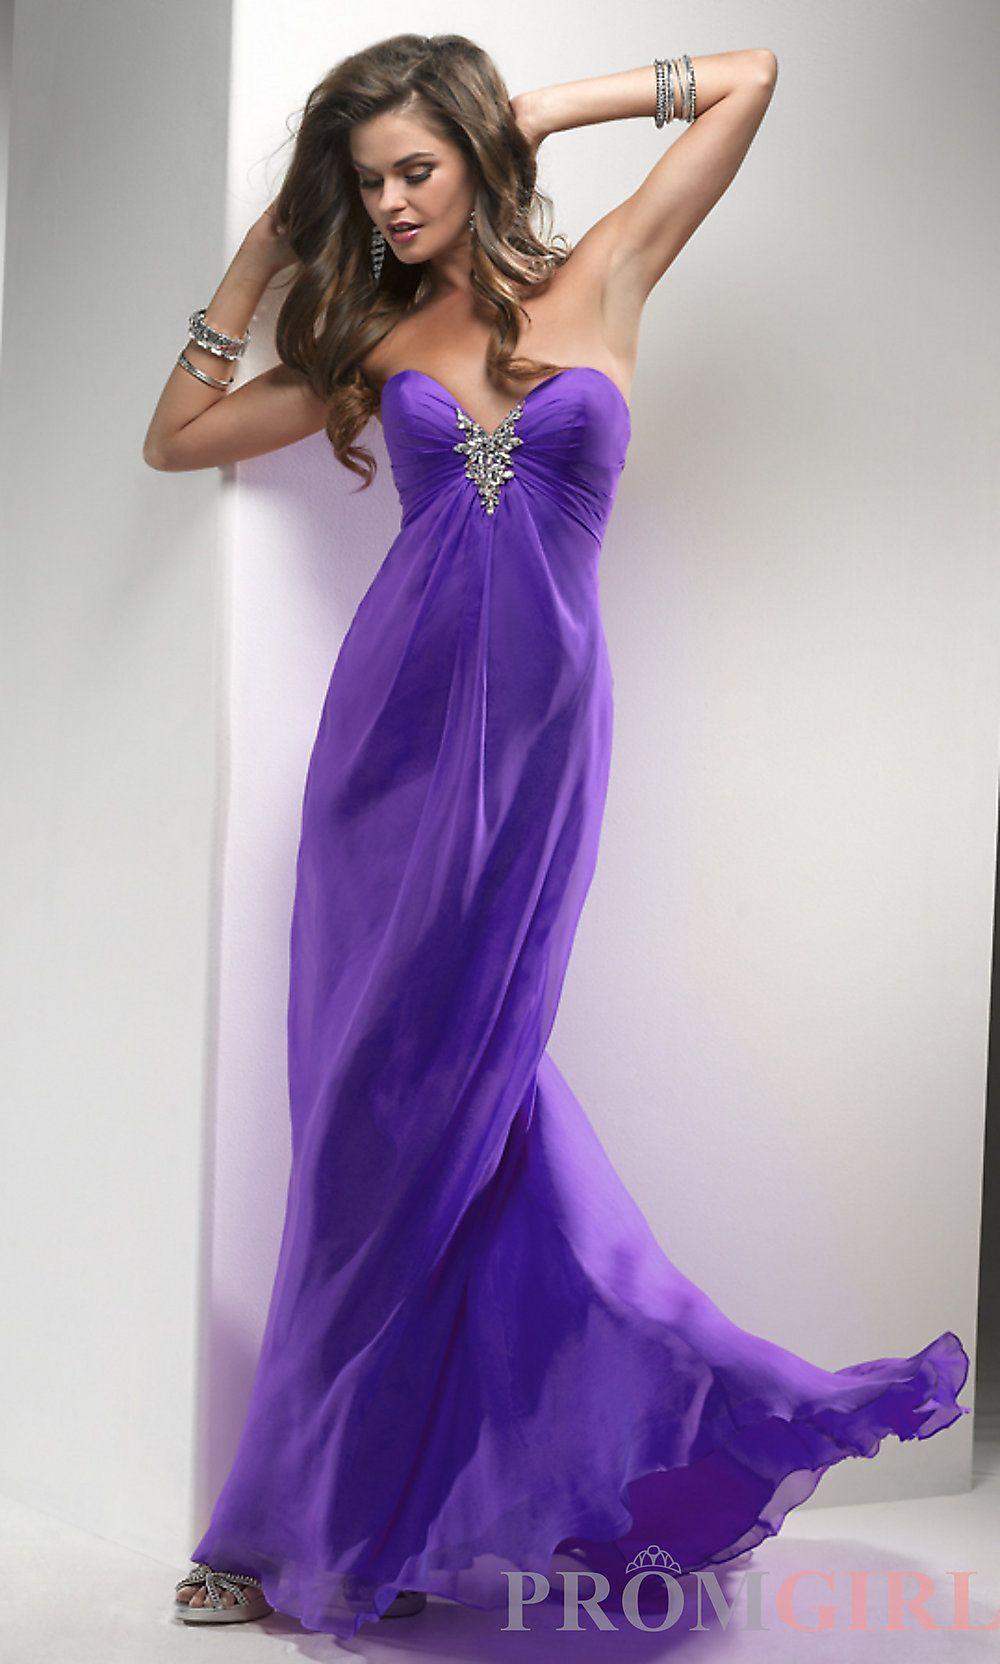 Long Strapless Prom Dresses, Flirt Strapless Prom Gowns- PromGirl ...